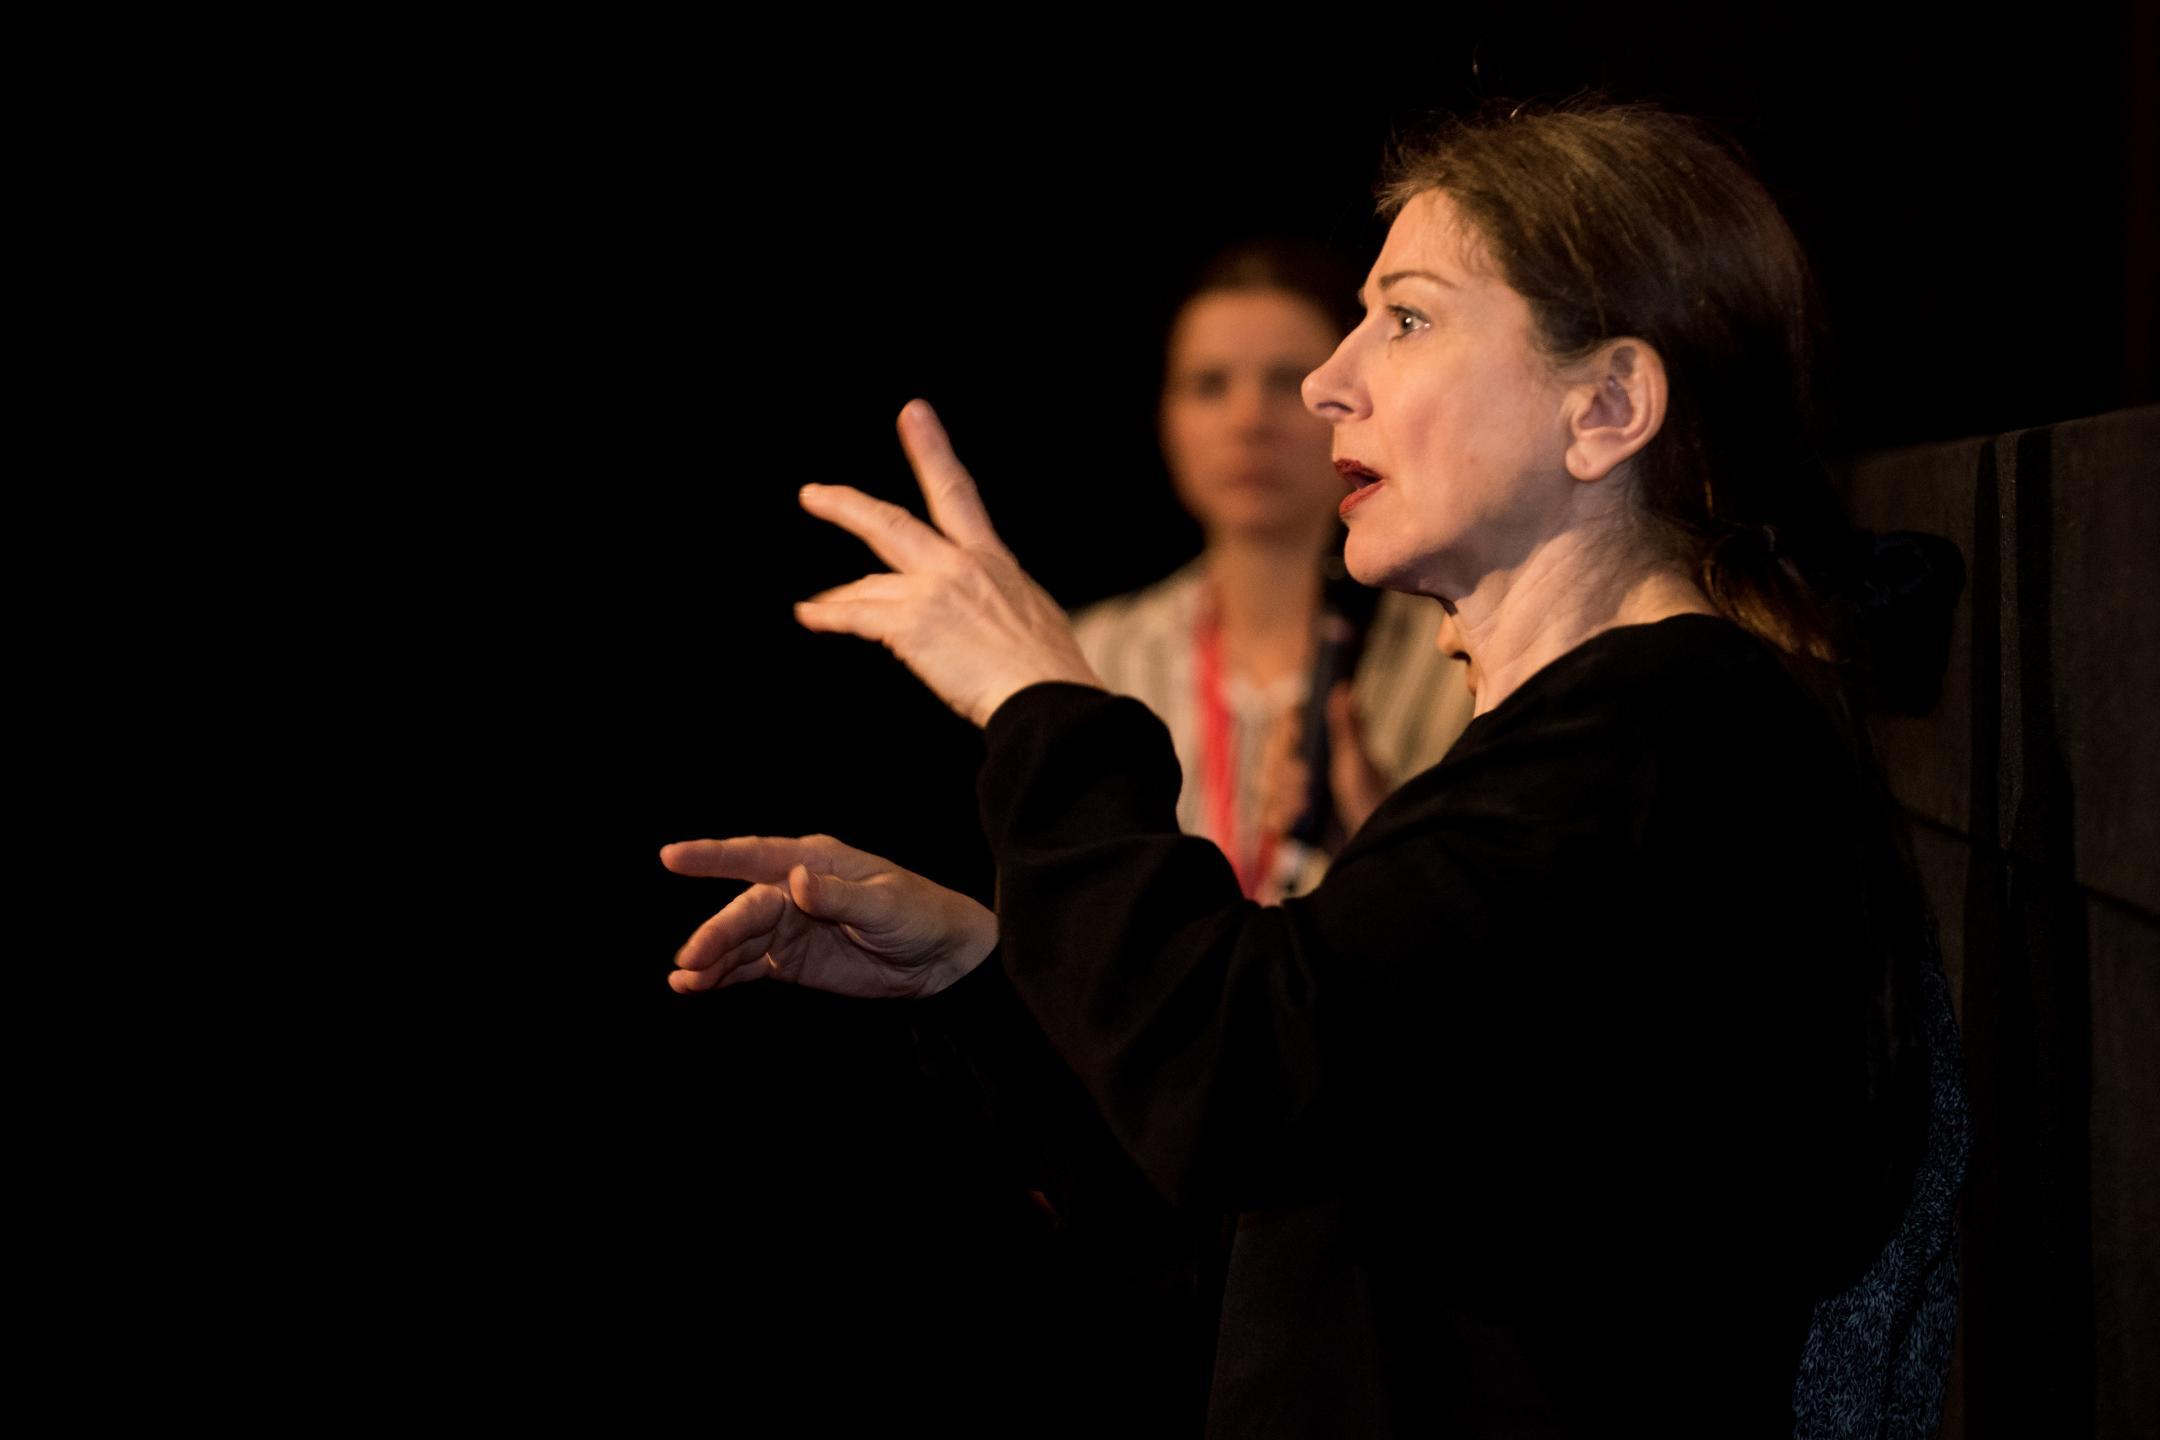 Zwei Frauen stehen in einem dunklen Kinosaal. Die Frau im Vordergrund übersetzt das Filmgespräch mit Blick zum Publikum in Gebärdensprache.